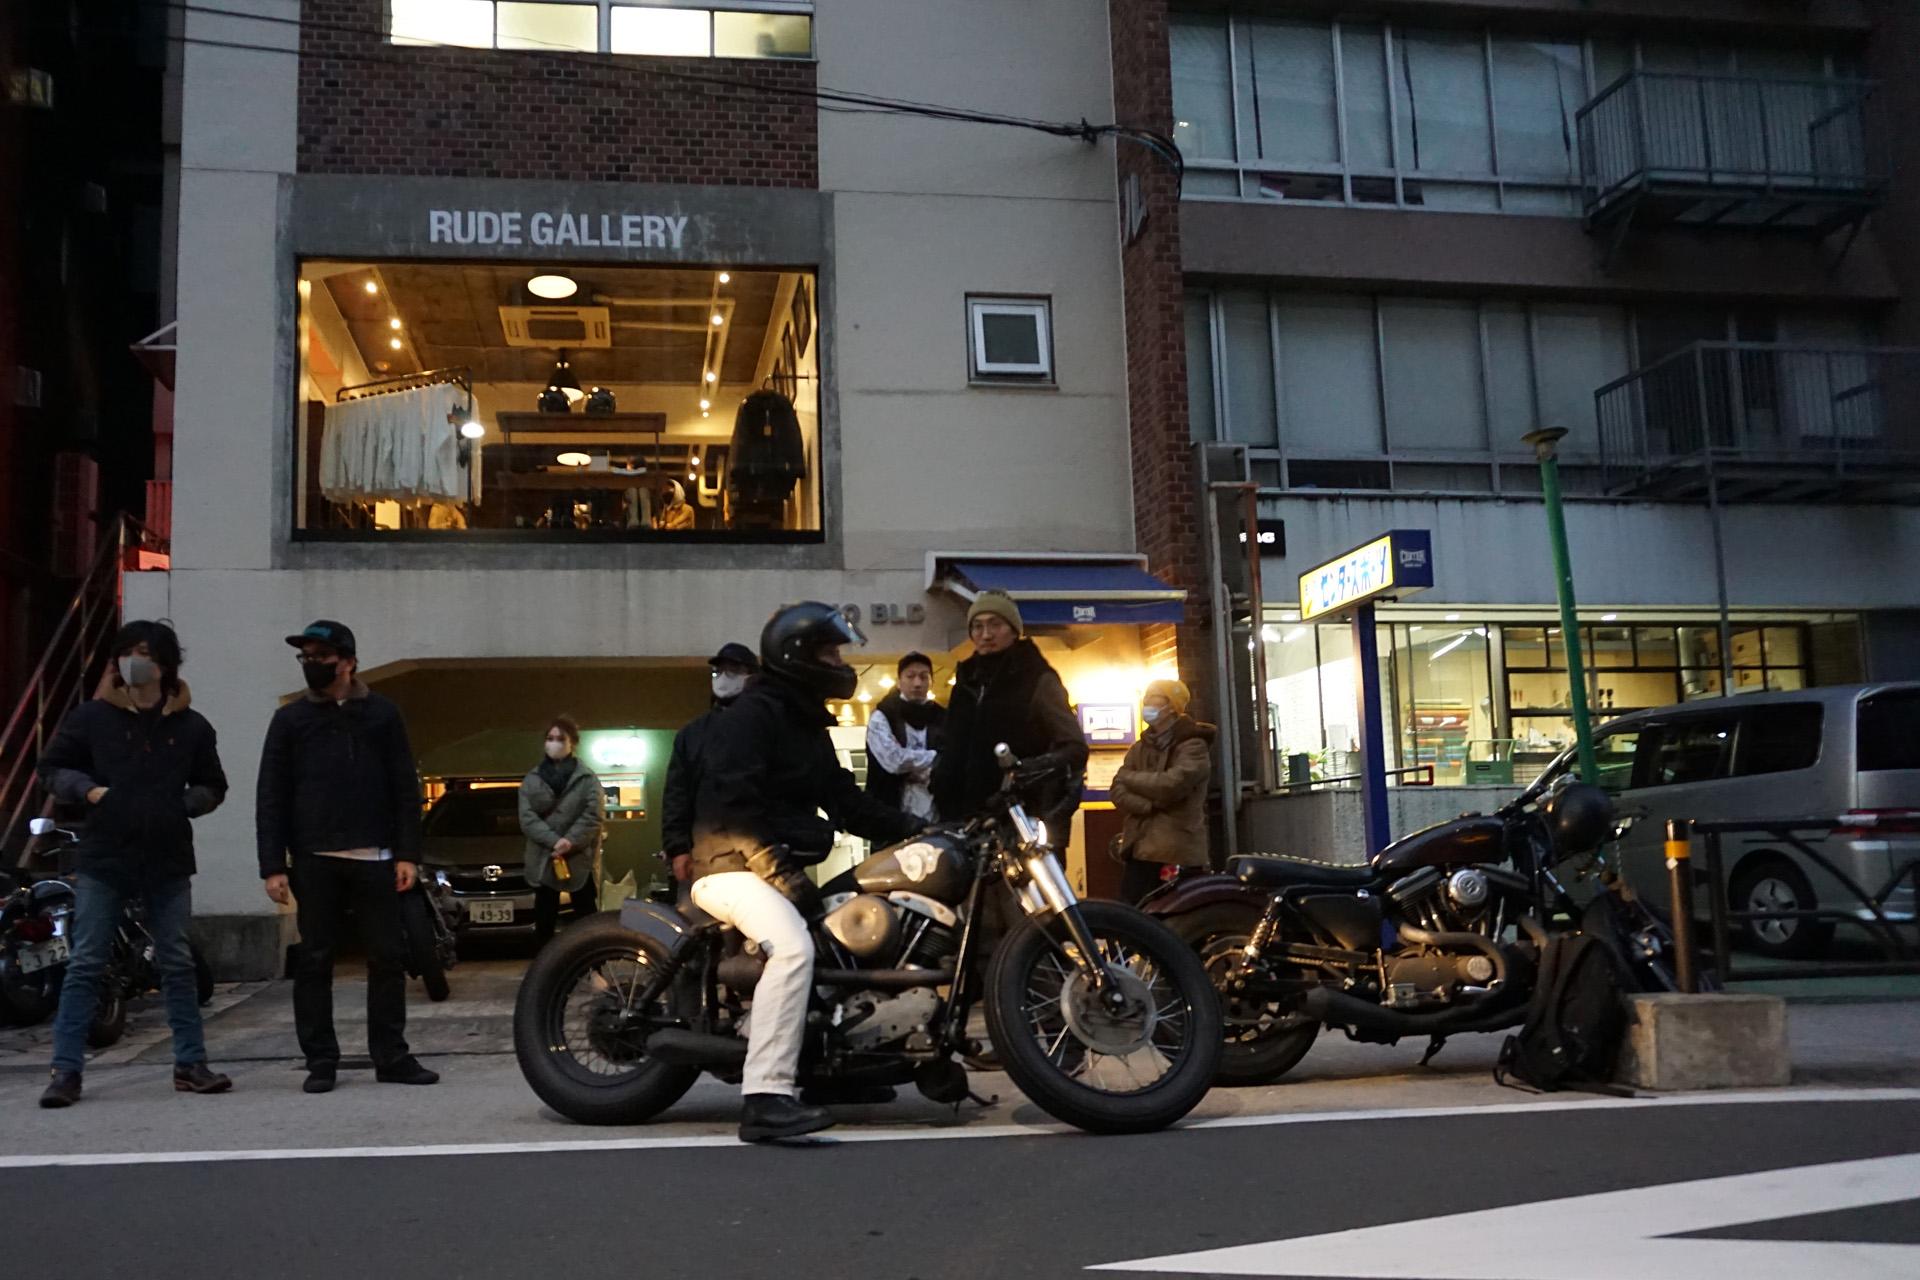 ニュートラル neutral ステンシルTシャツ ONTHEROAD'20 ヒデモーターサイクル ルードギャラリー hidemotorcycle rudegallery